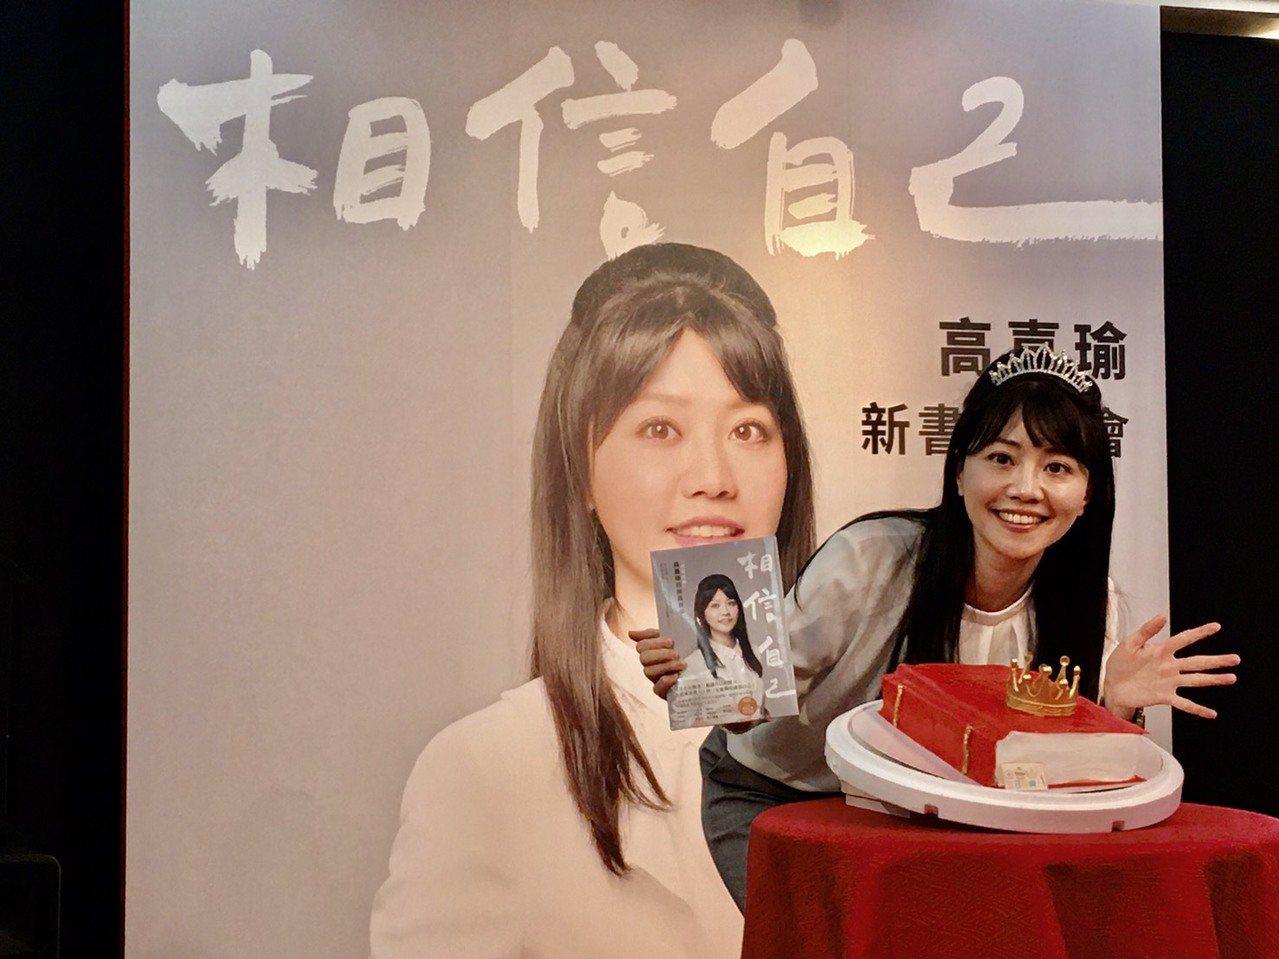 民進黨台北市議員高嘉瑜今天上午舉行個人新書「相信自己」發表會。記者魏莨伊/攝影